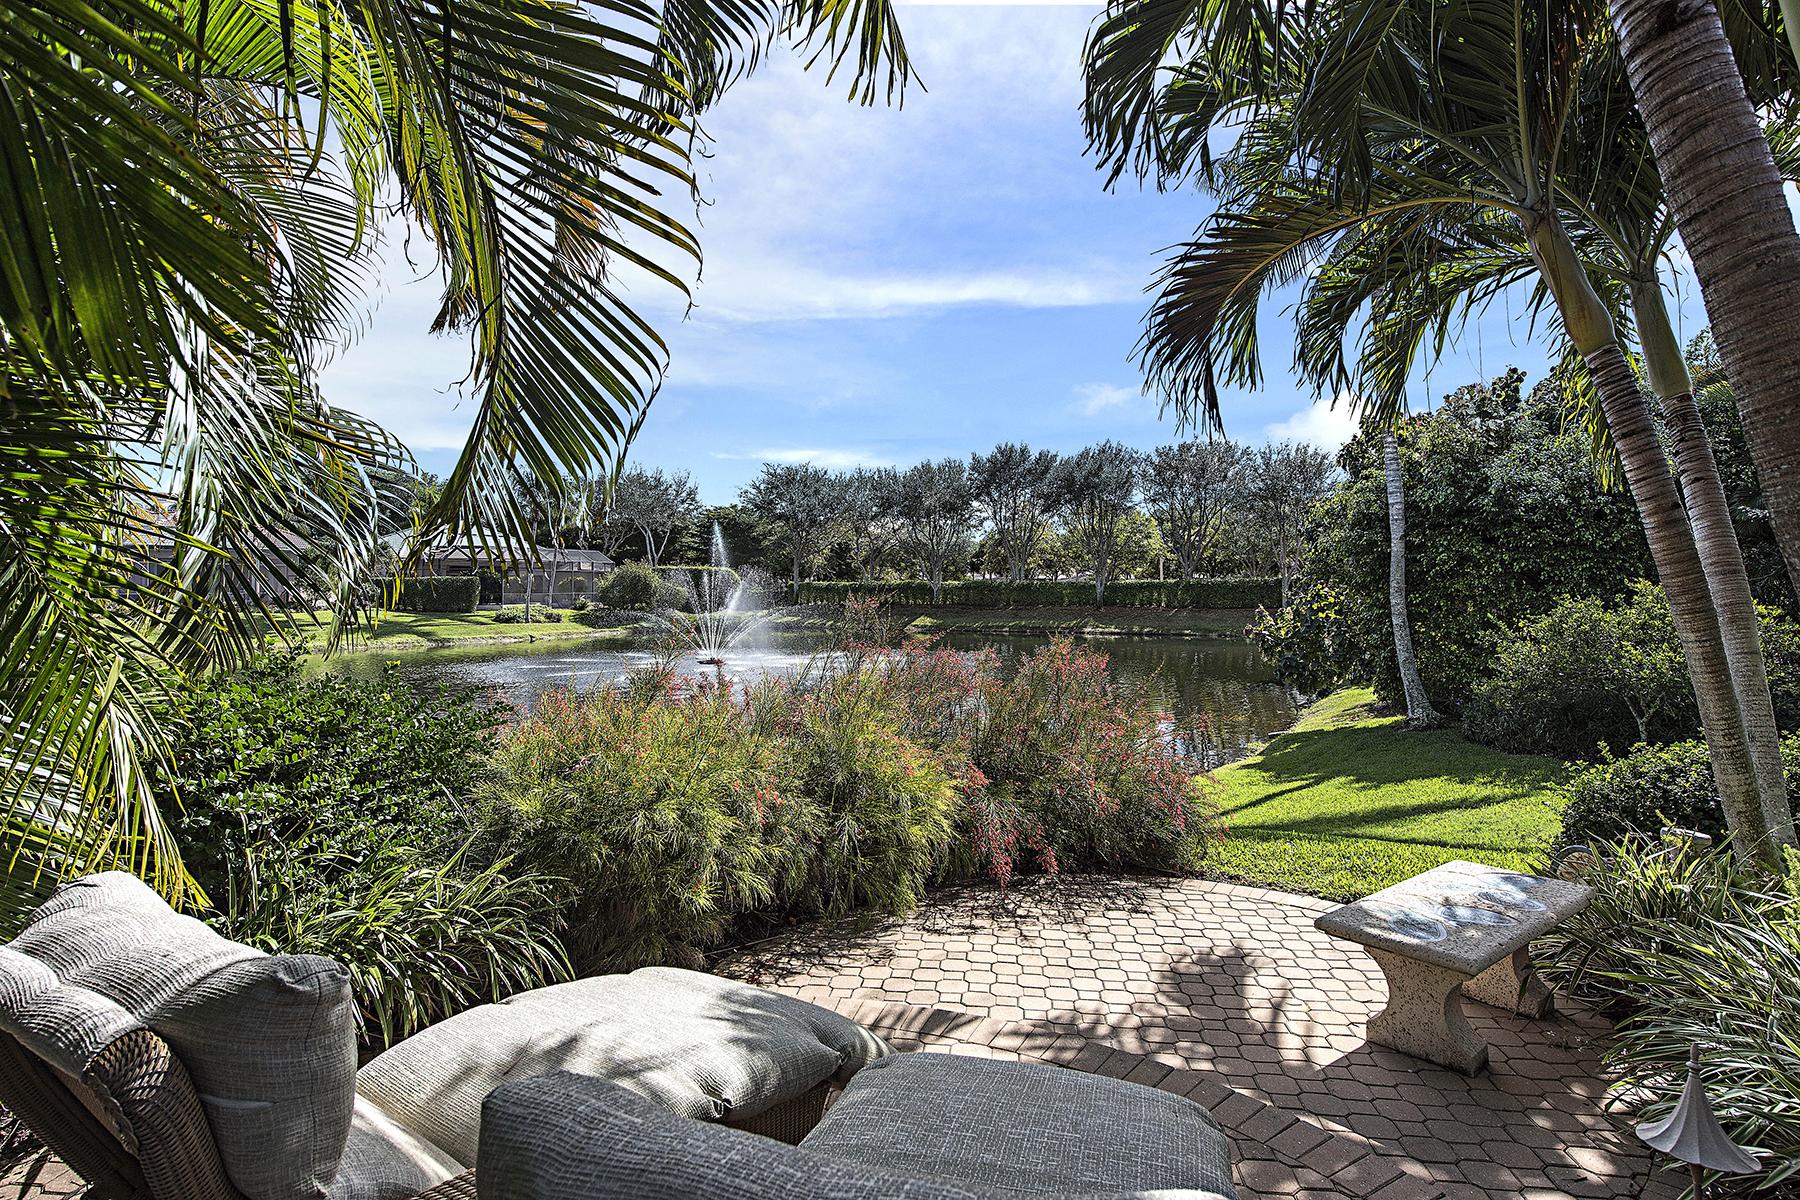 Частный односемейный дом для того Продажа на Naples 8808 Muirfield Dr Naples, Флорида, 34109 Соединенные Штаты